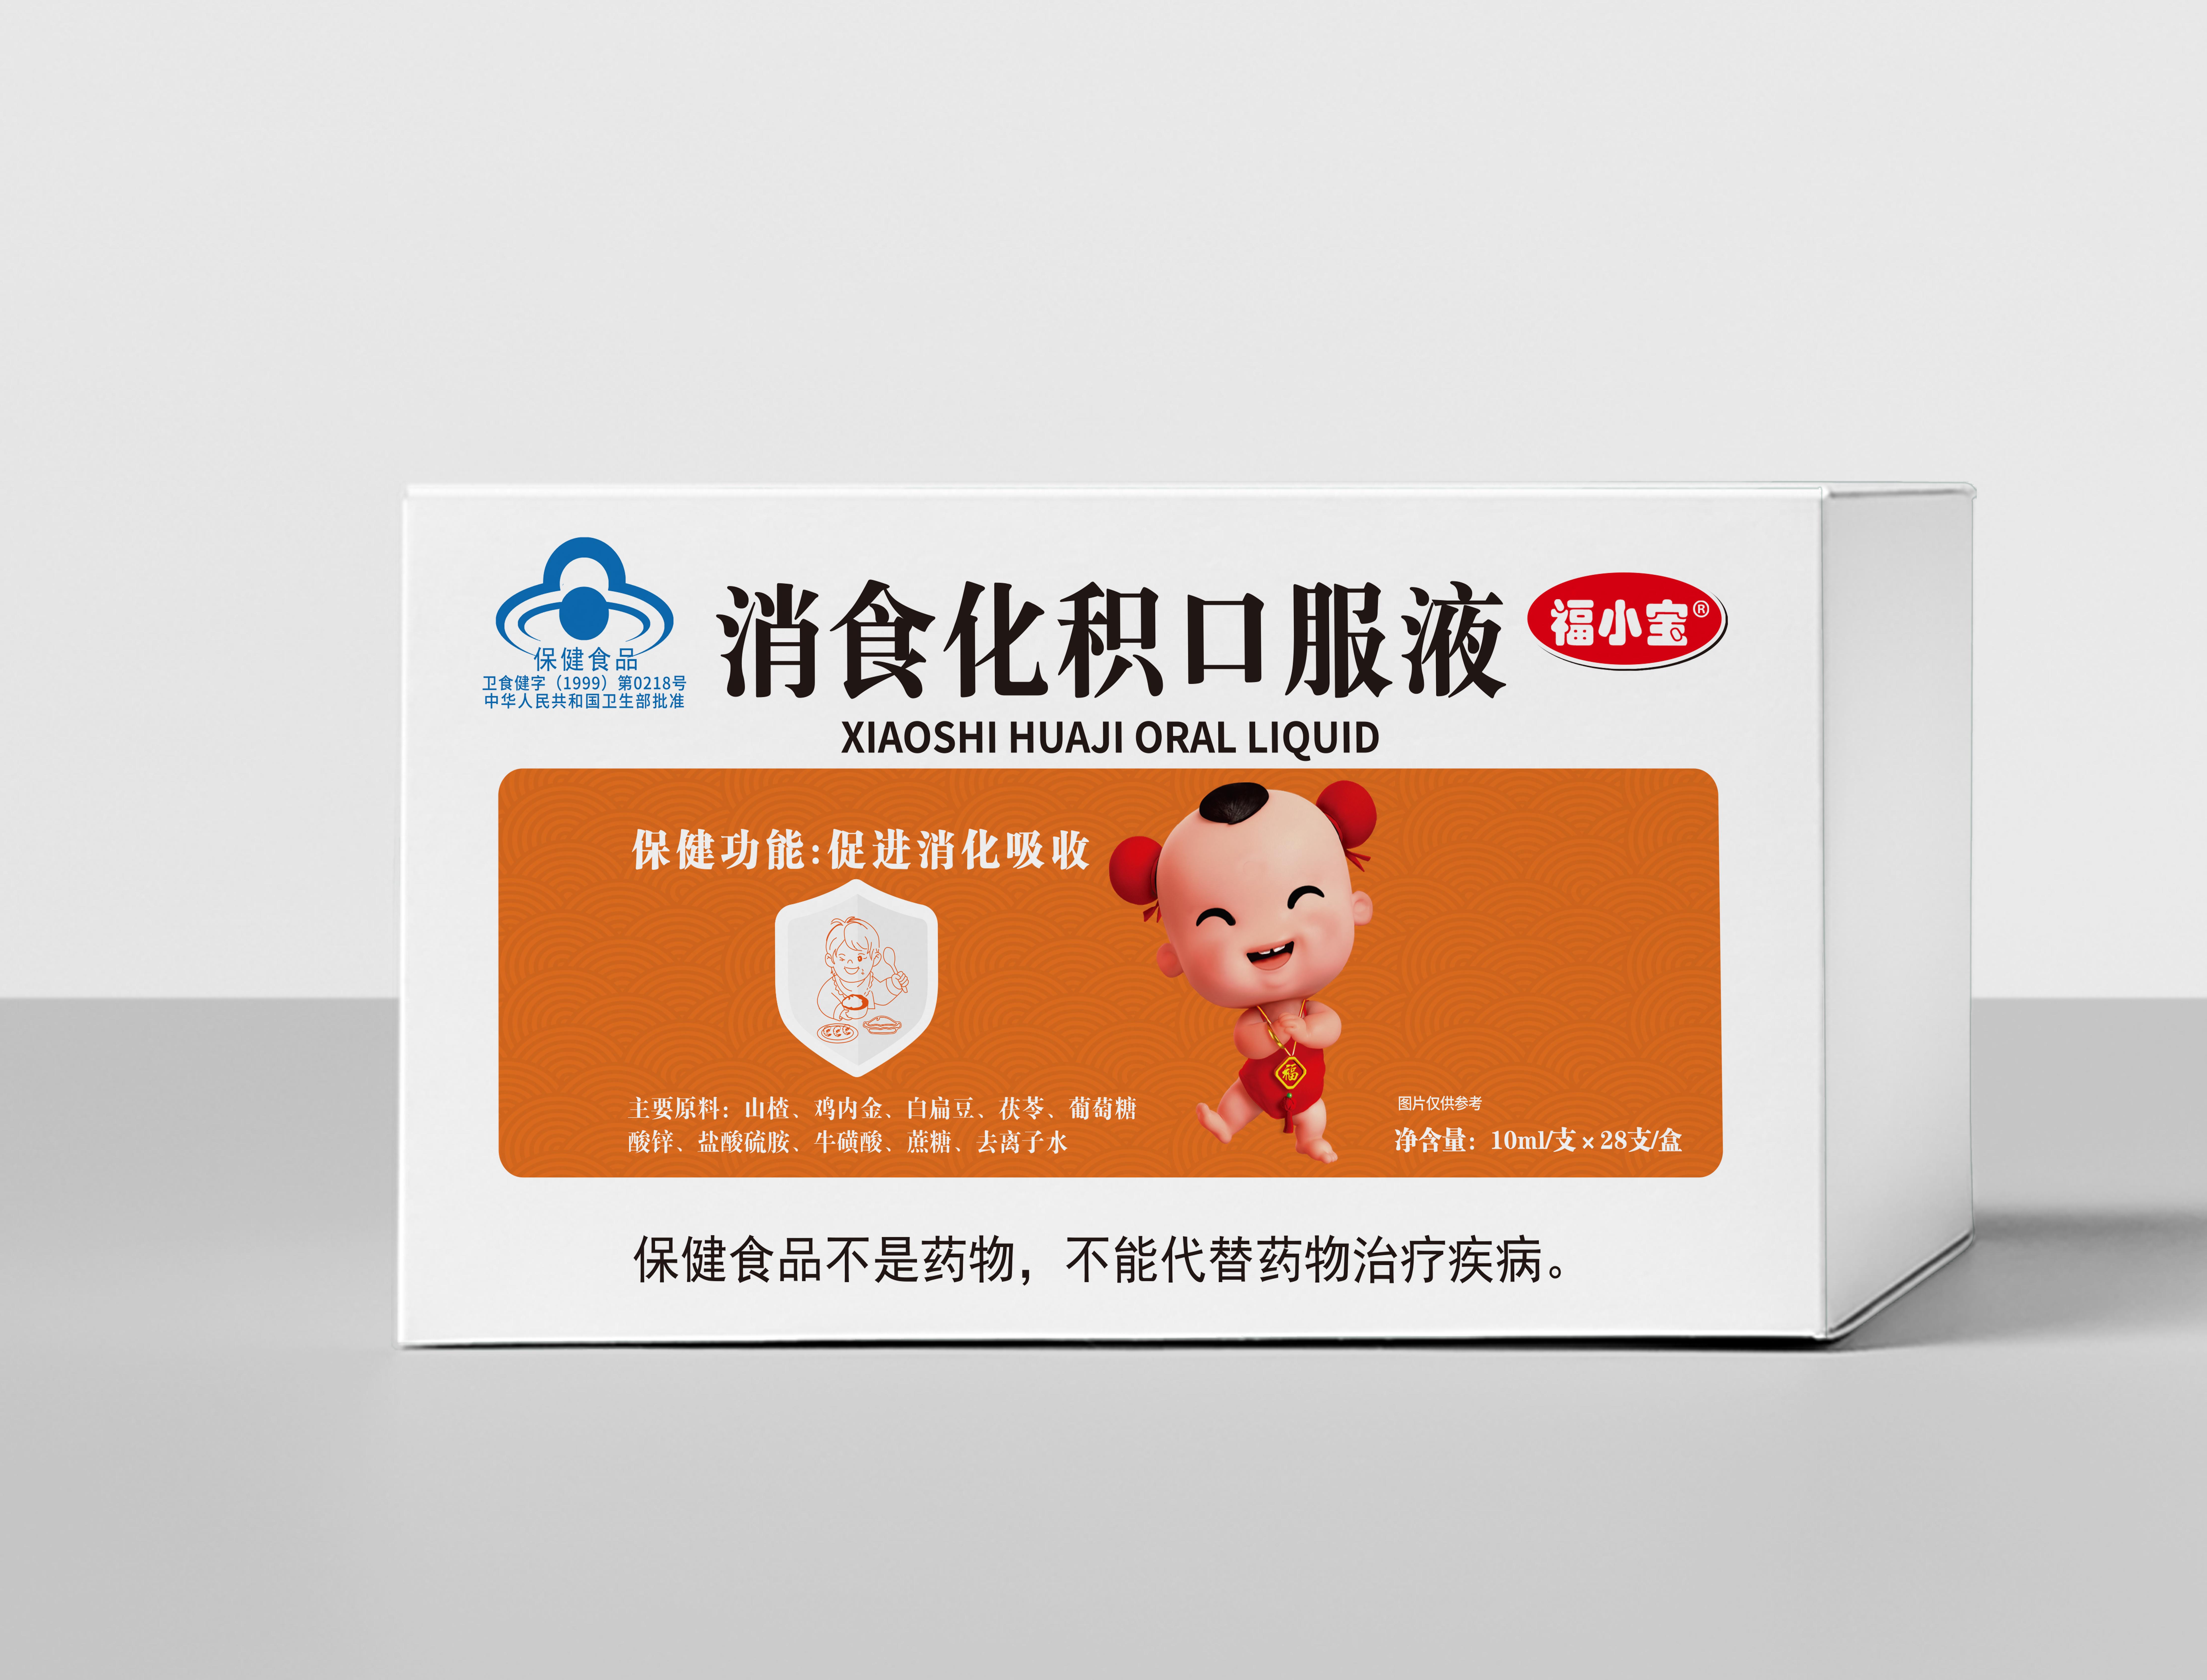 Guangxi Qijian Health Products Co., Ltd